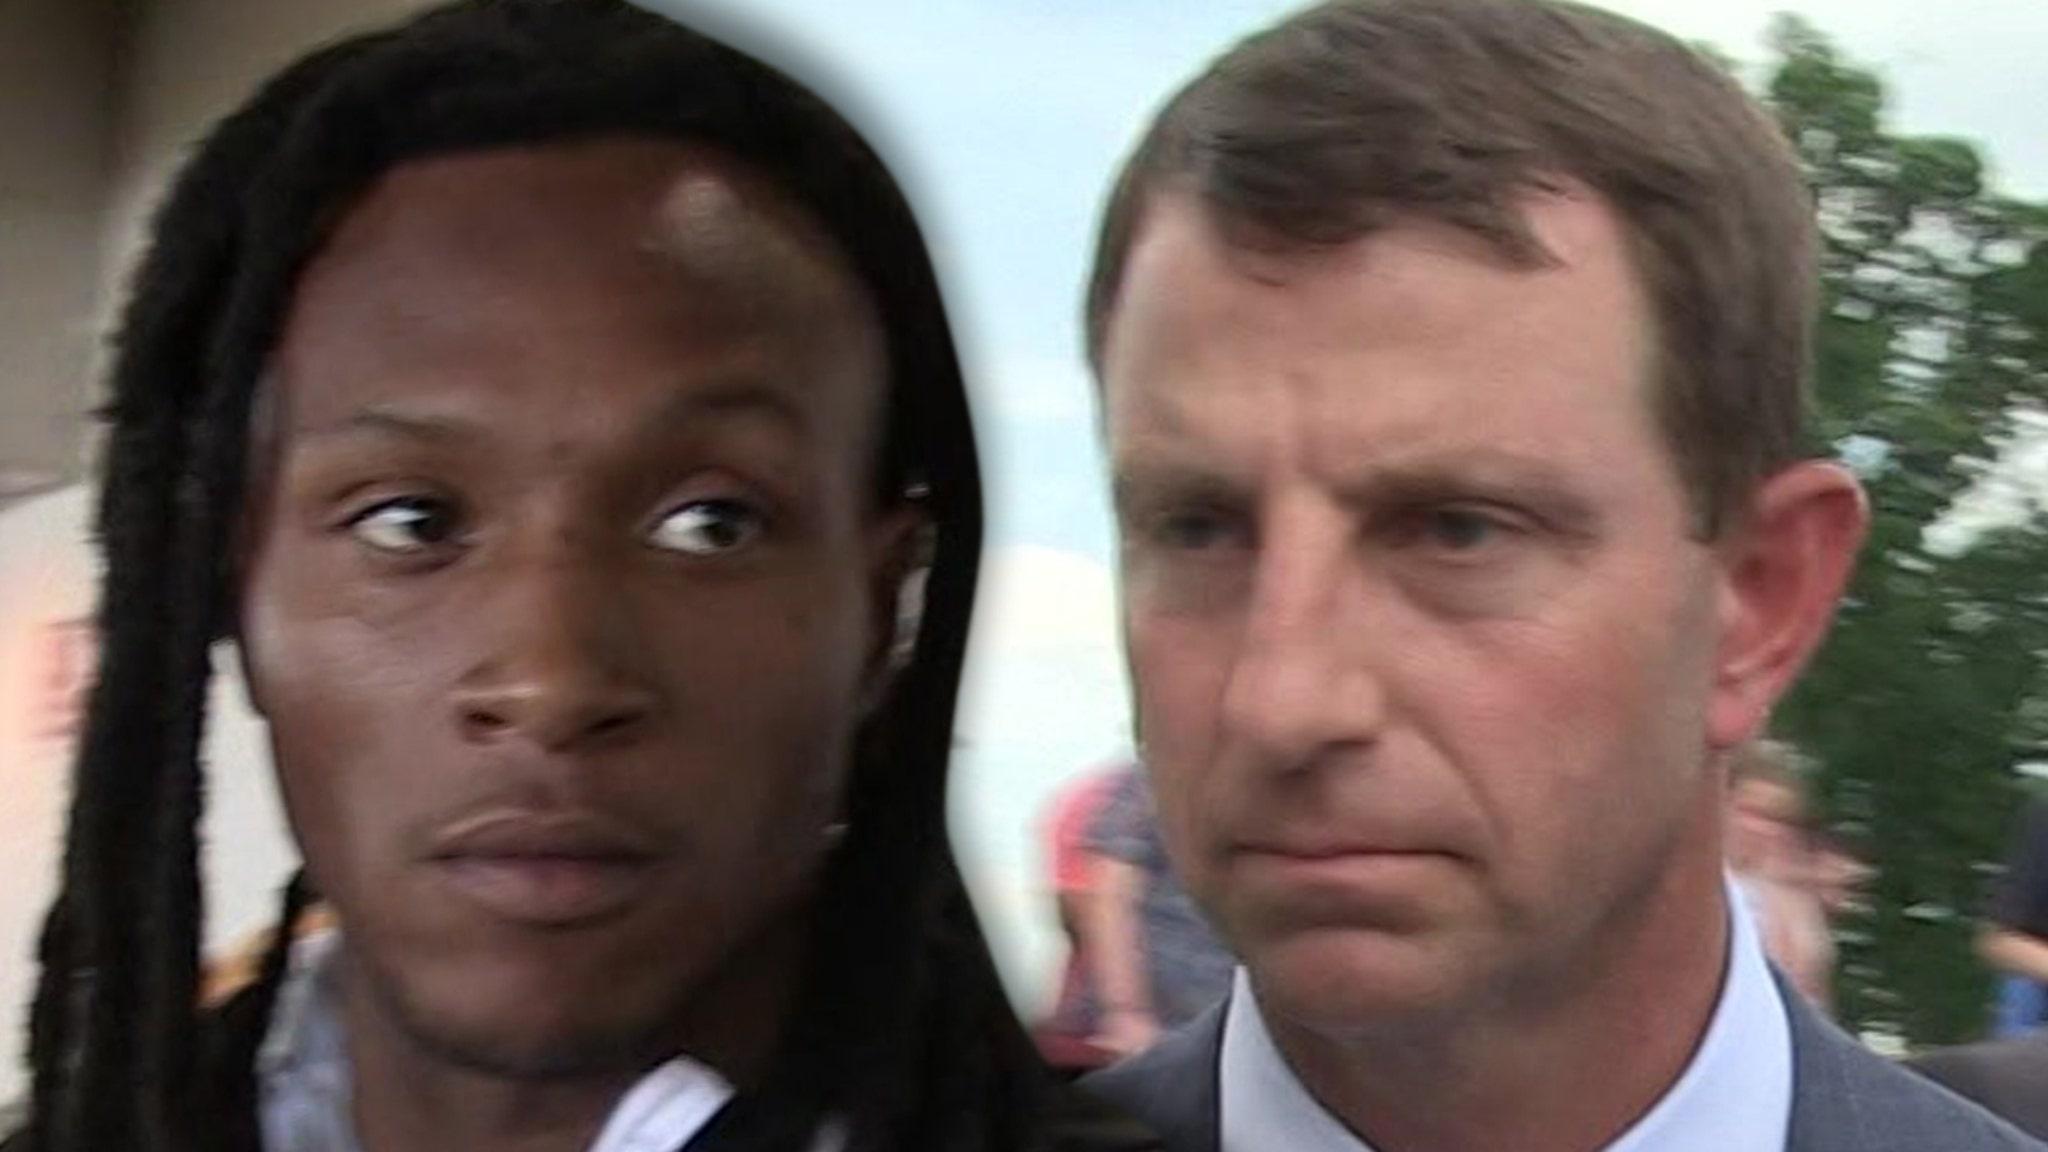 DeAndre Hopkins Says Dabo Swinney's No Racist, 'Helped Me Become a Man'